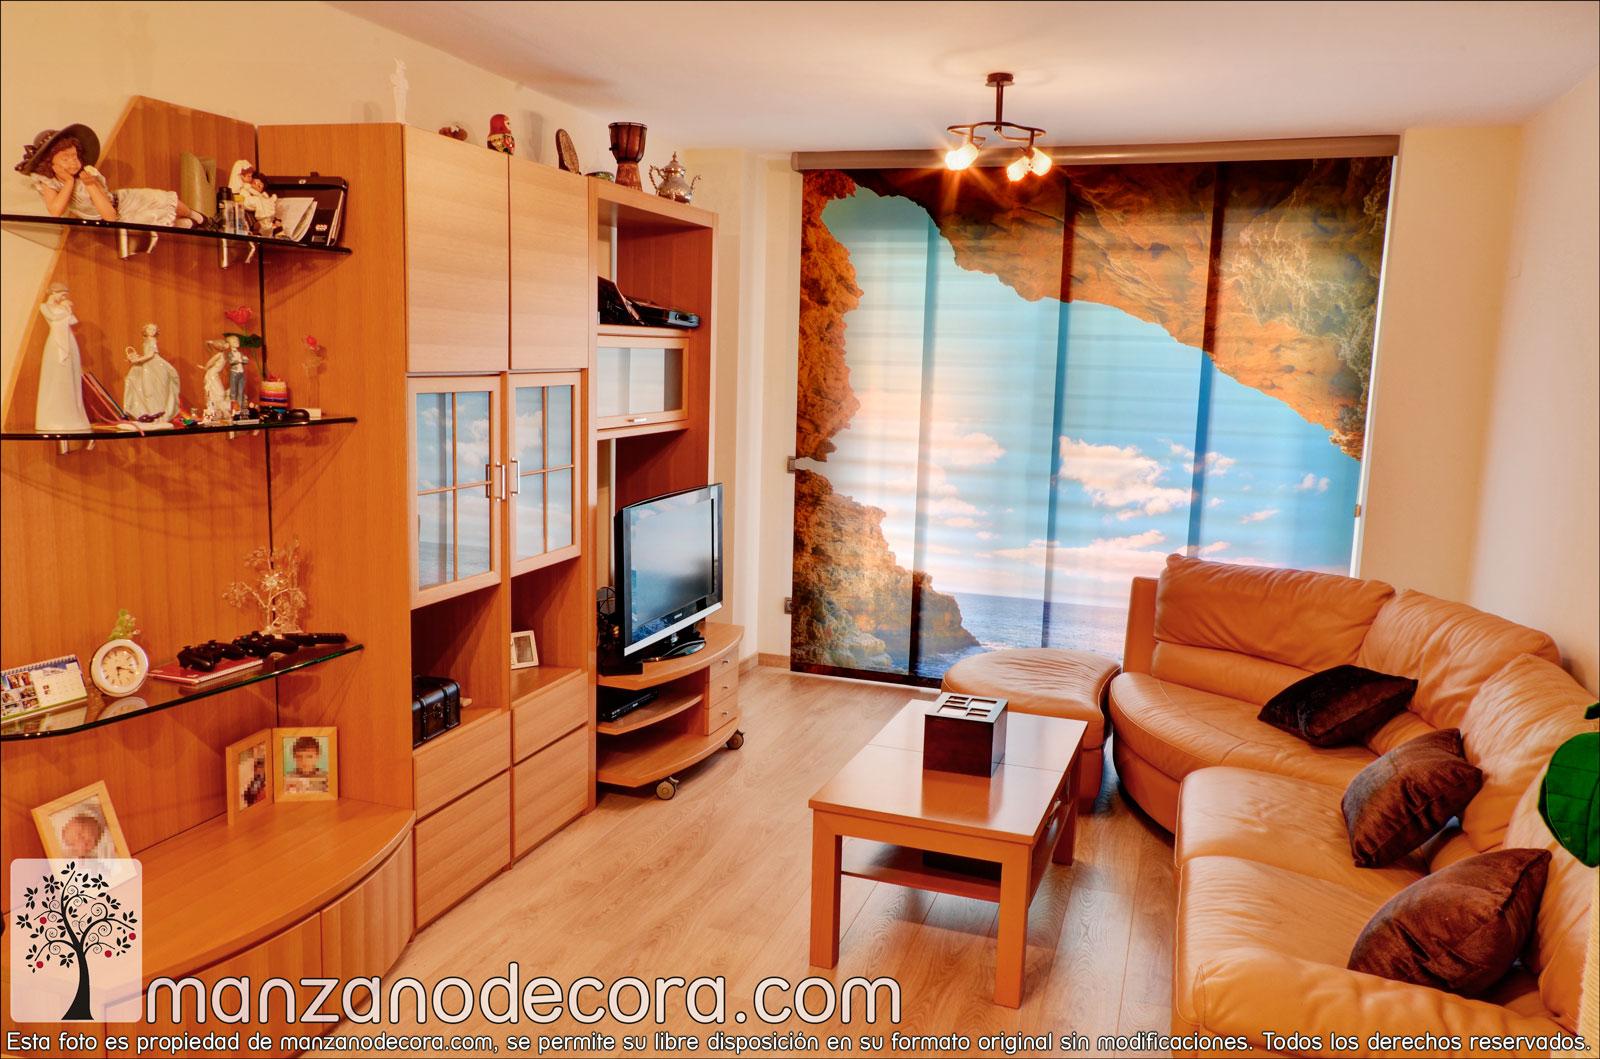 Decoracion Zen Salon. Feng Shui Fotos De Casas Con Colores Y ...